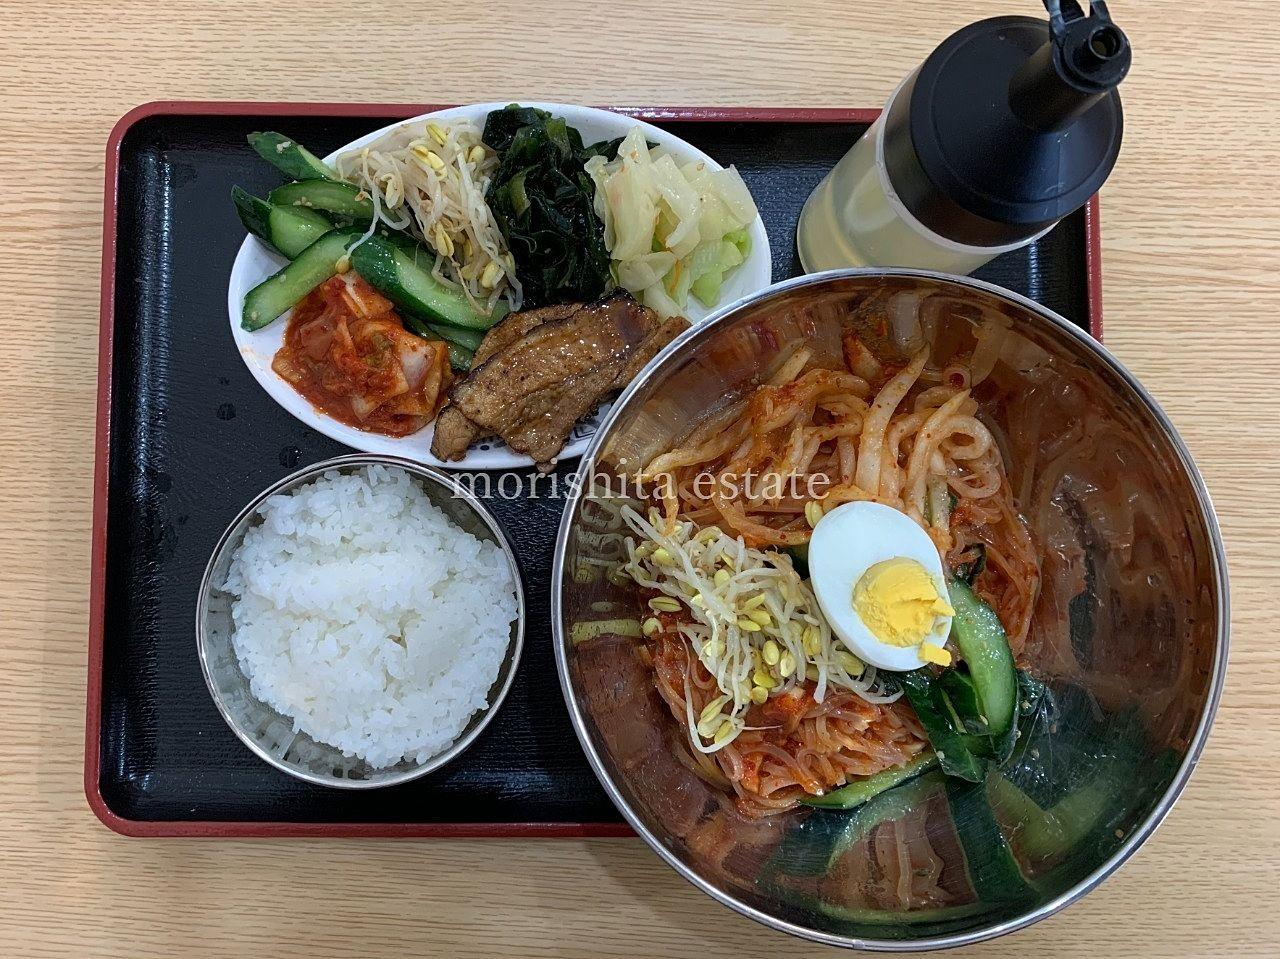 ソウル市場 高橋 焼肉 ビビン麺 キムチ お弁当 写真